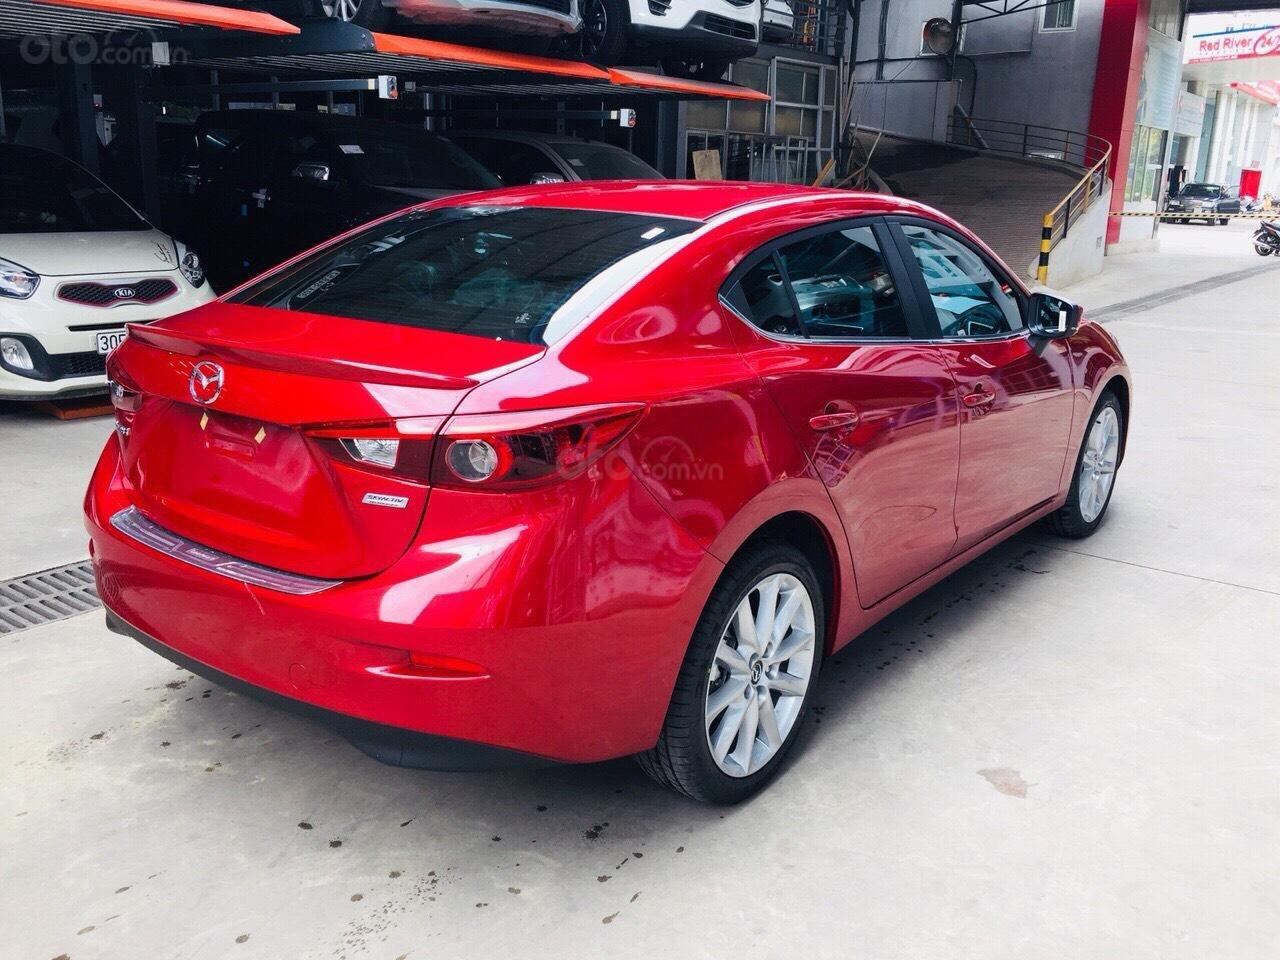 Chỉ 180tr nhận Mazda 3 tháng 11 giảm giá 70tr TG 90%, đủ màu, hỗ trợ ĐKĐK, giải quyết nợ xấu, LH Ms Thu 0981485819 (5)